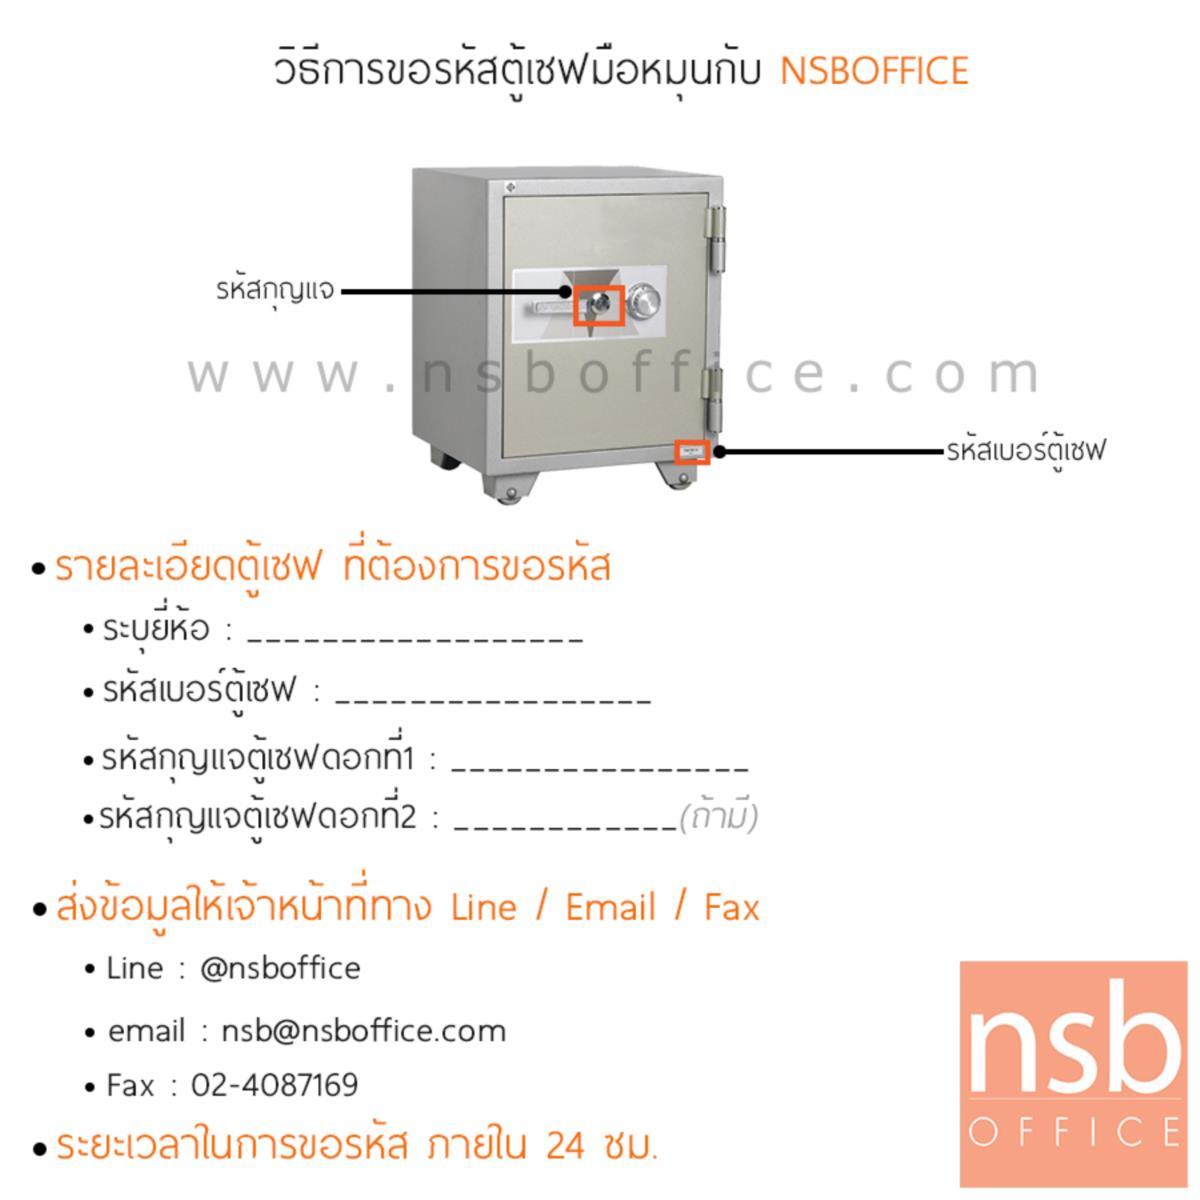 F01A071:การขอรหัสตู้เซฟแบบรหัสหมุน (ทุกยี่ห้อ) มีกุญแจ แต่ลืมรหัส